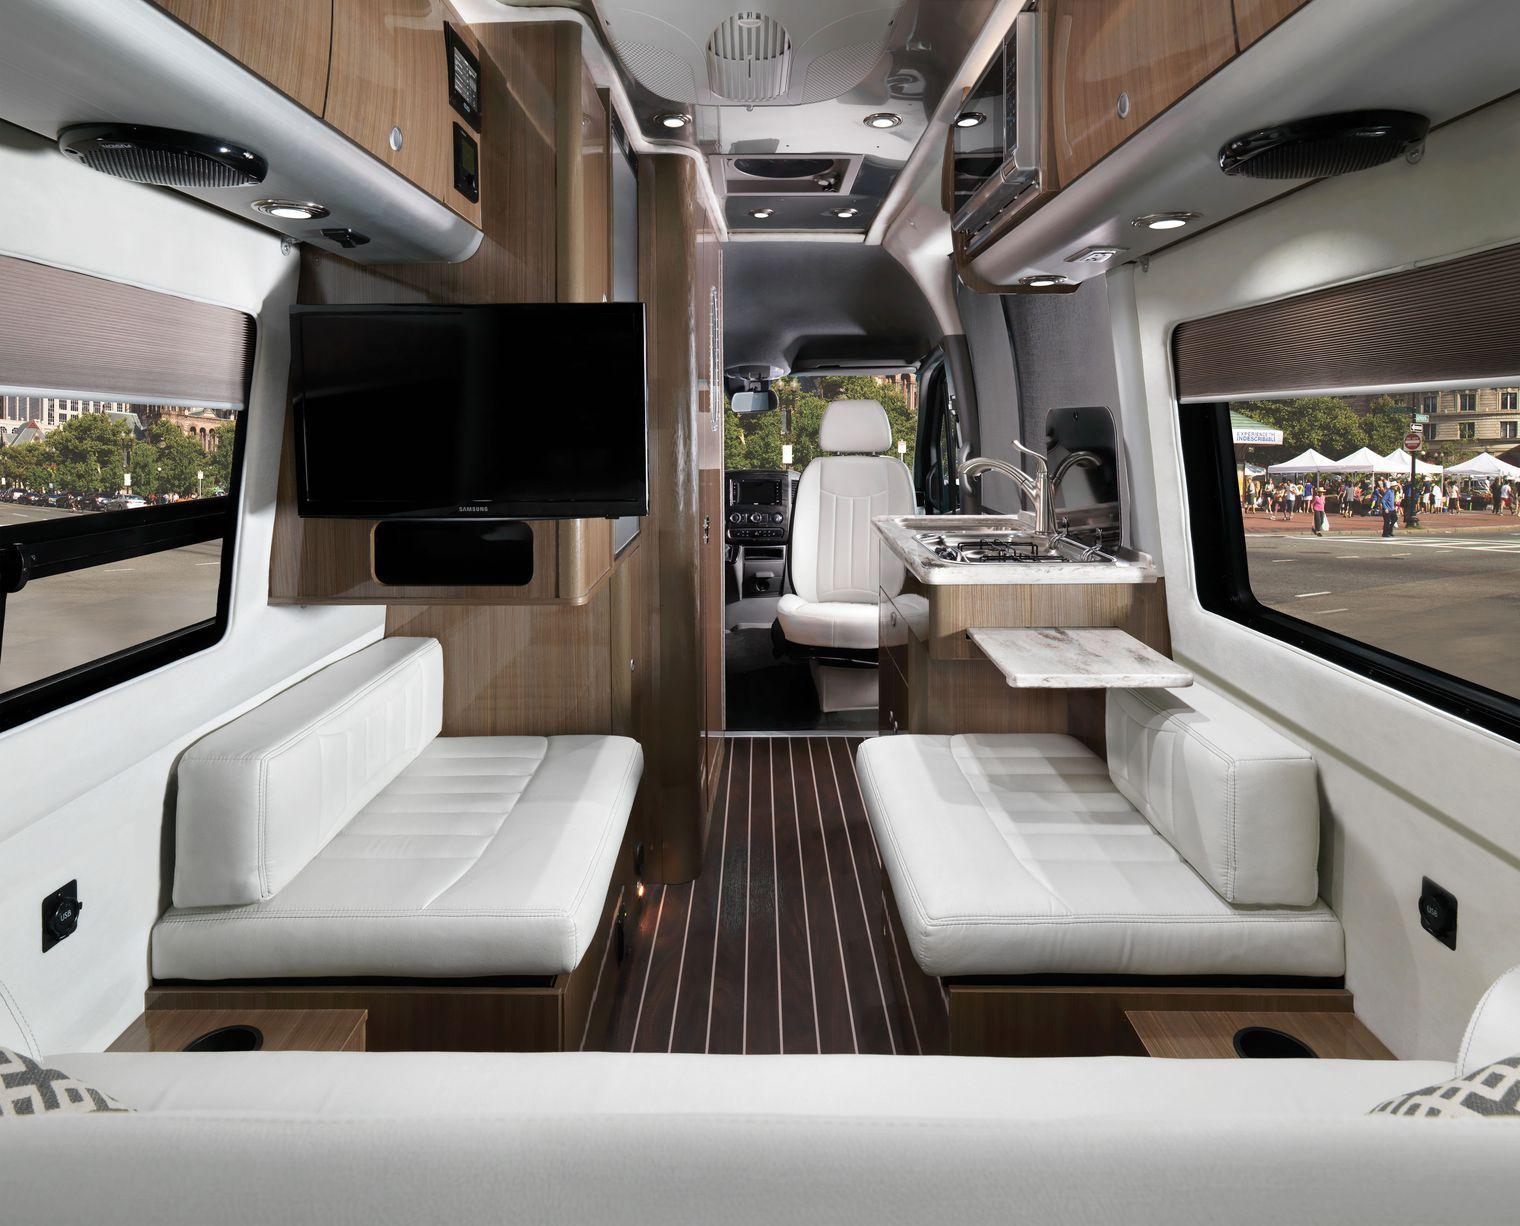 Airstream Debuts New Compact Luxury Camper Van Motorhome